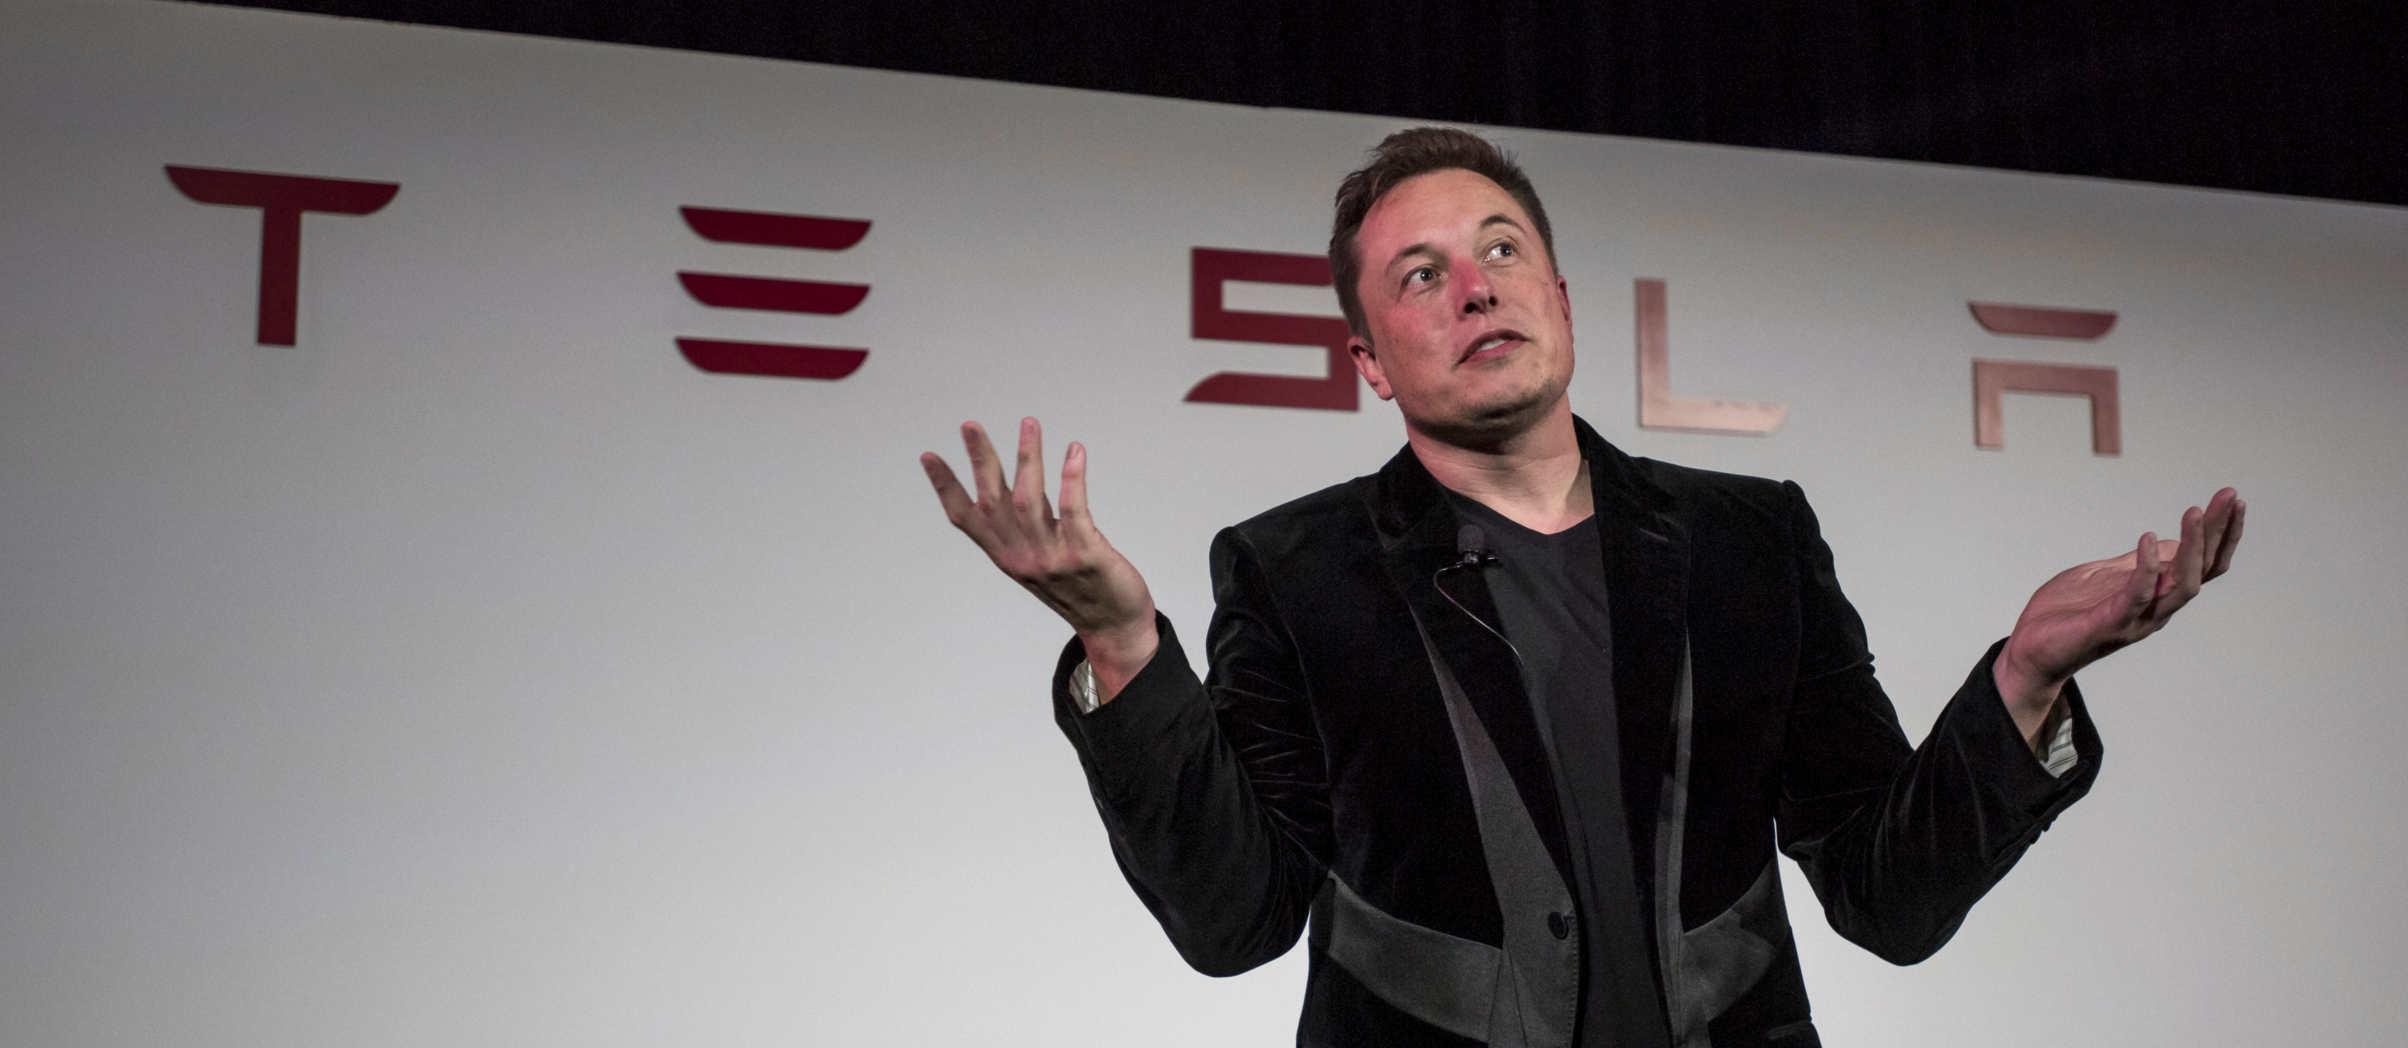 Tesla ganhou mais dinheiro com bitcoin do que vendendo carros elétricos?